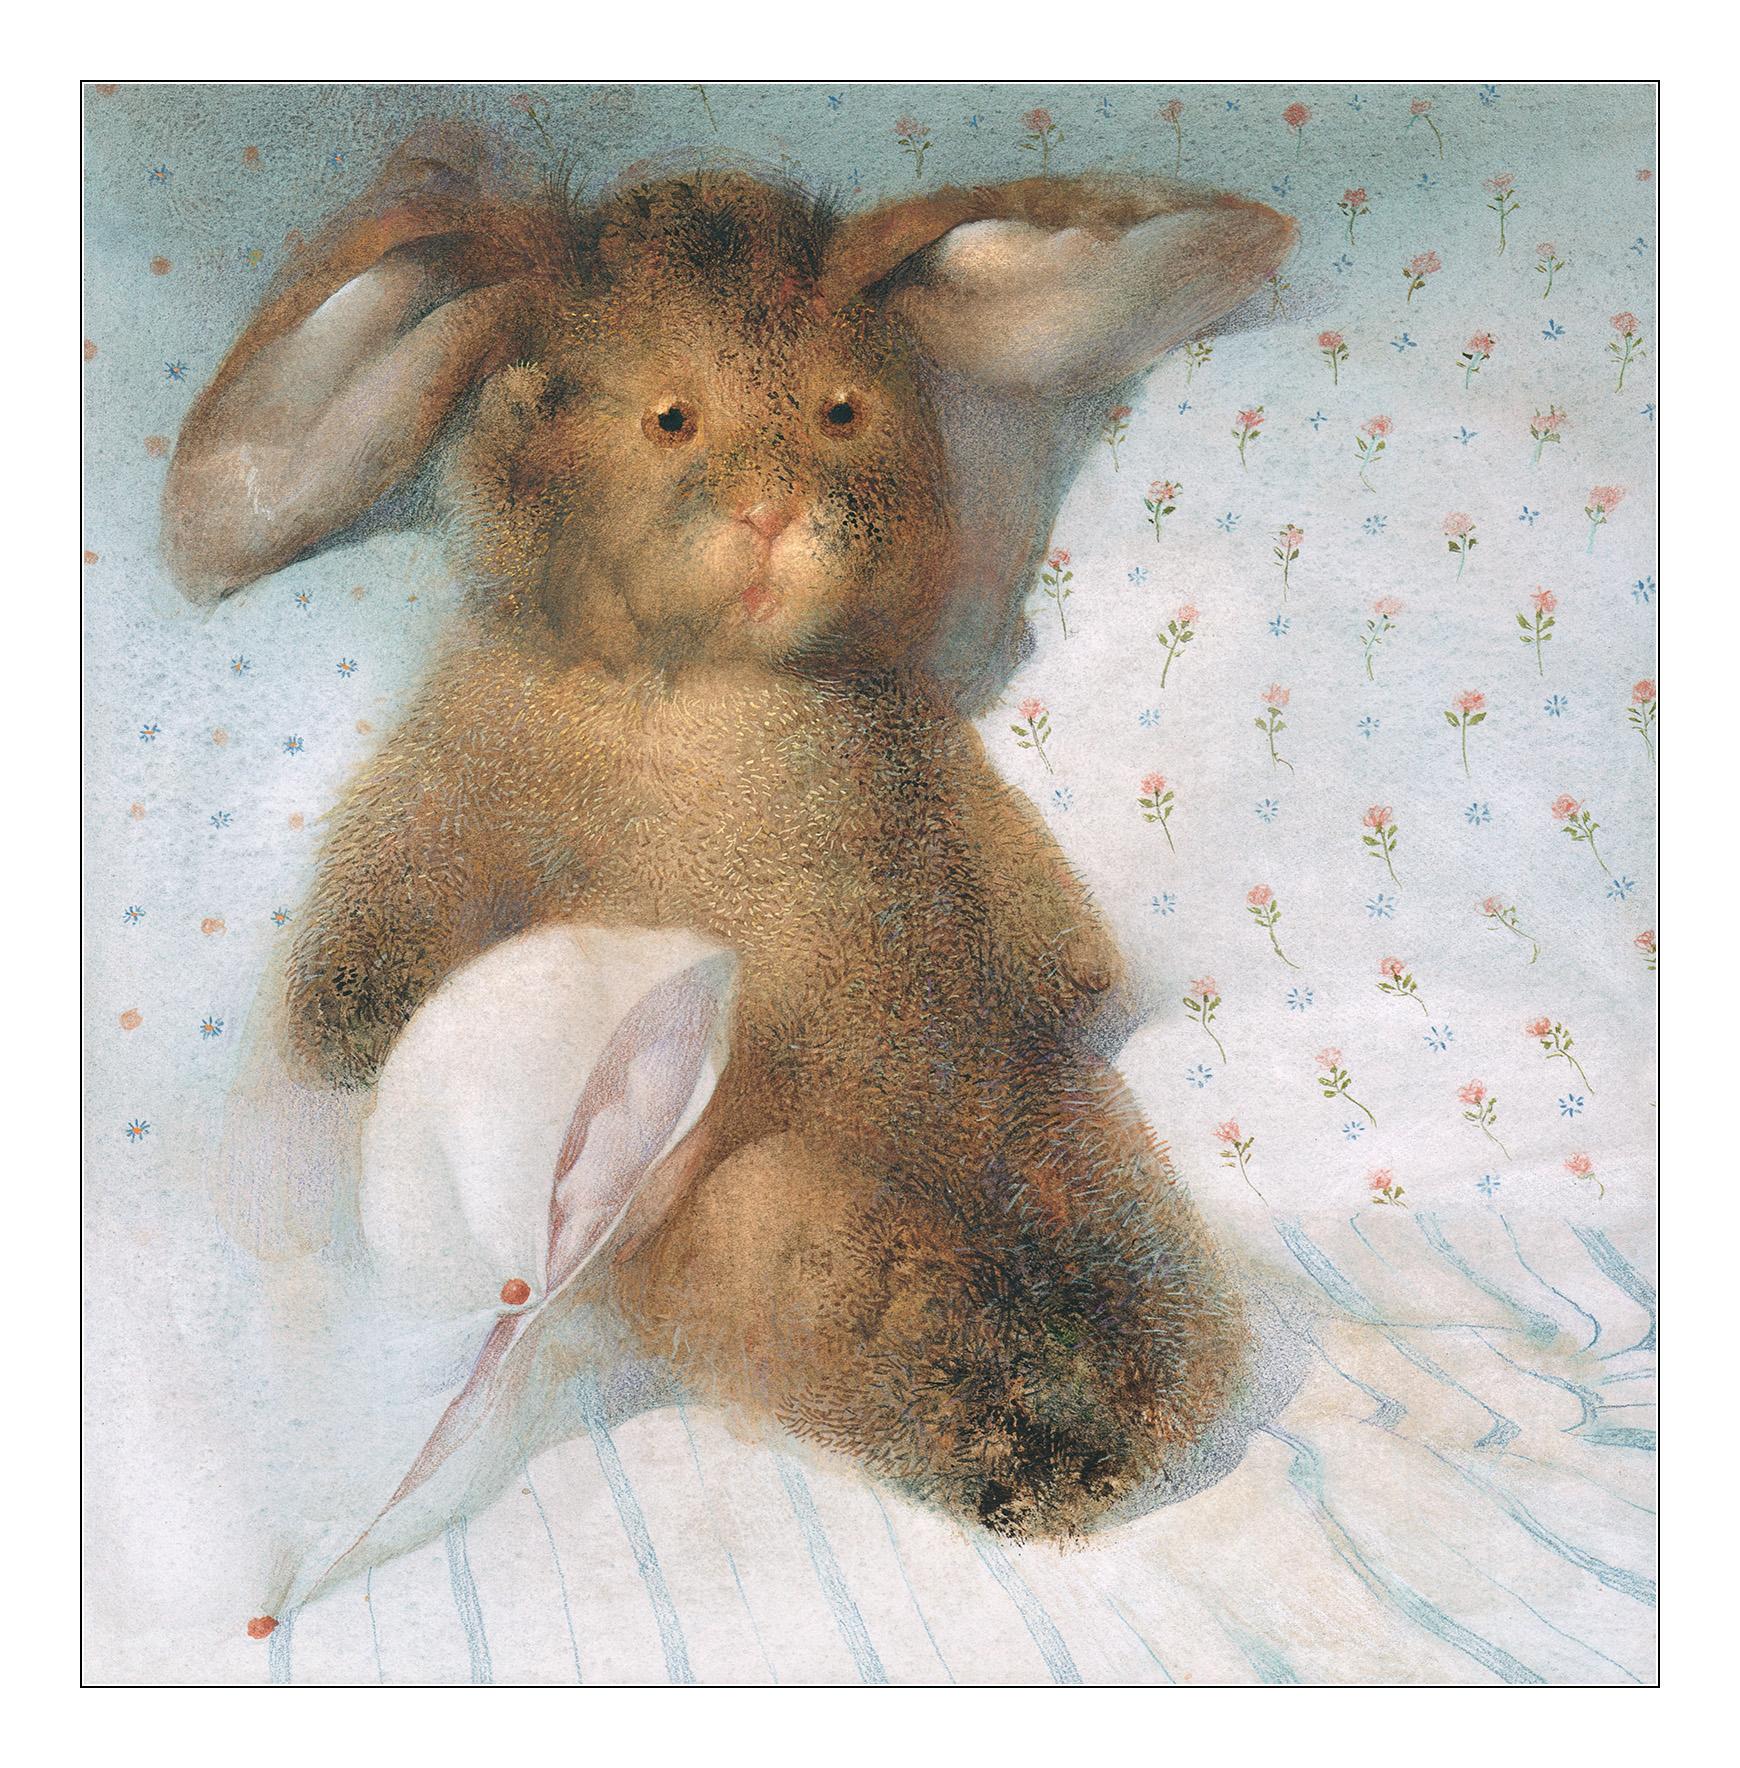 Геннадий Спирин, Плюшевый заяц